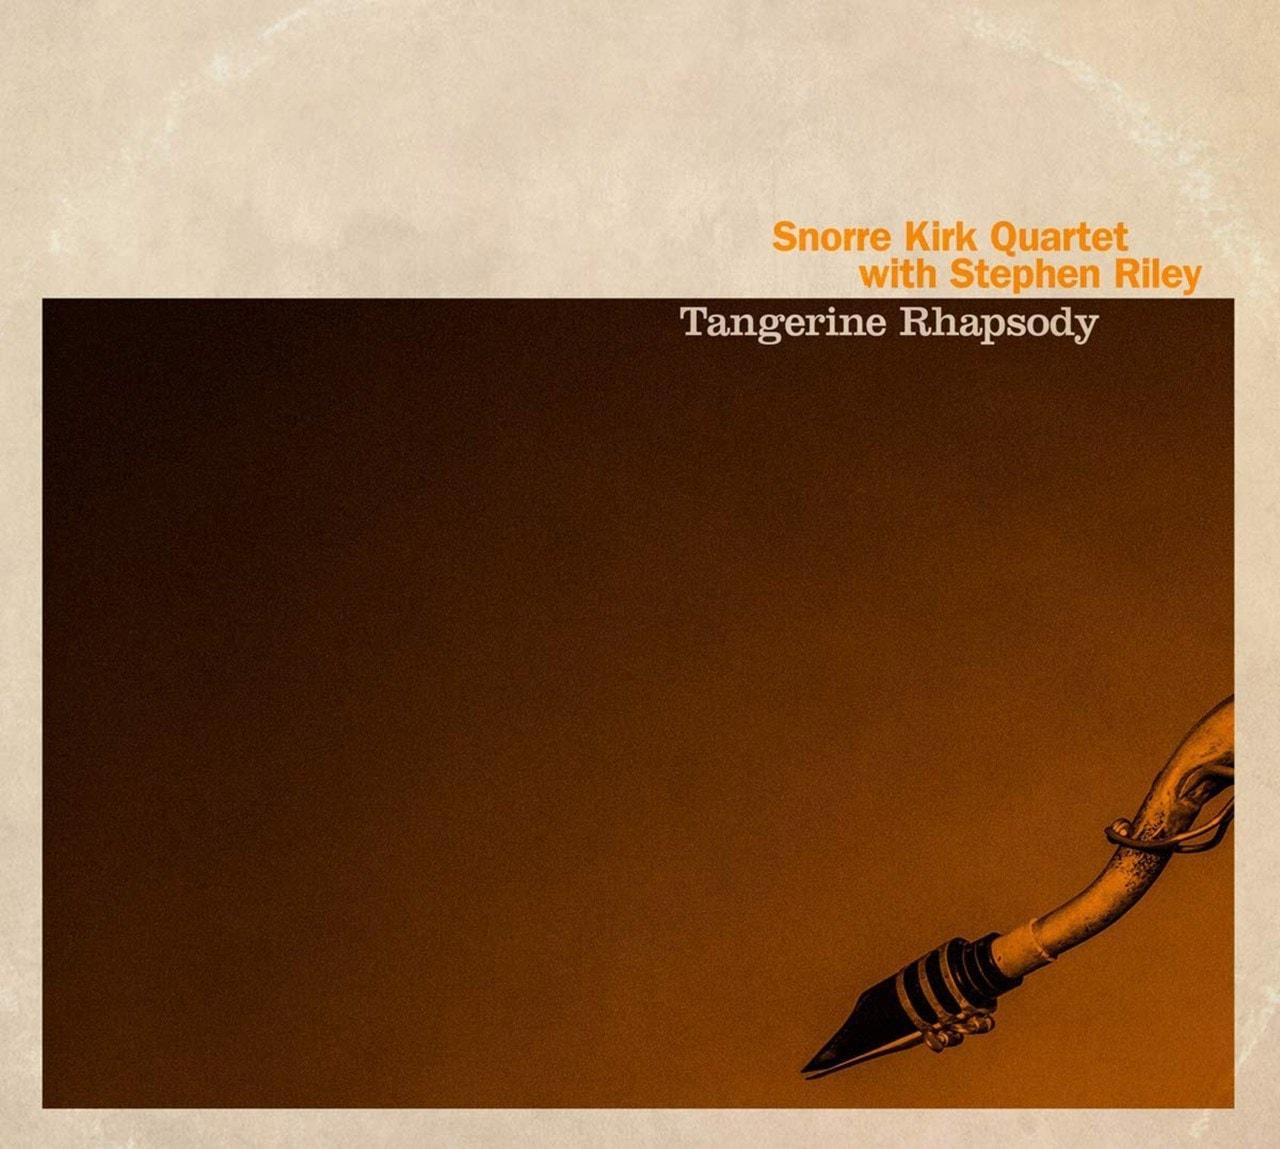 Tangerine Rhapsody - 1